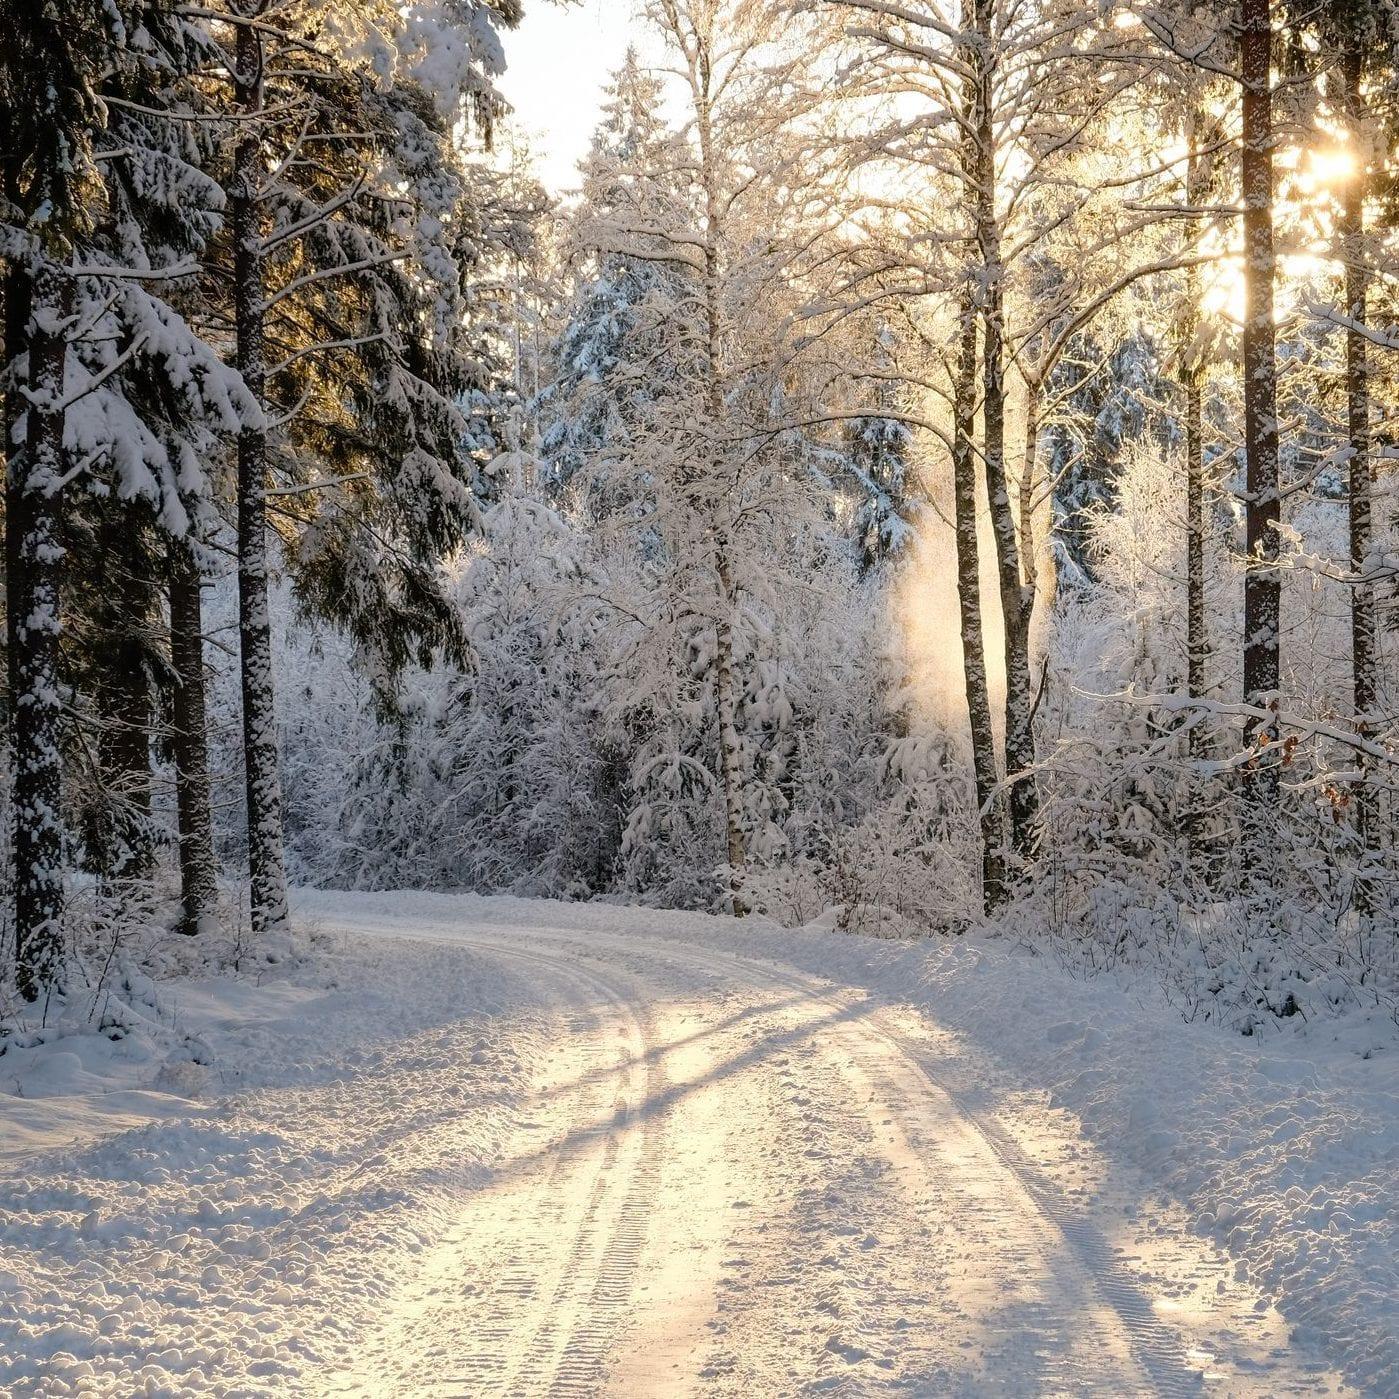 Winter e1586020020424